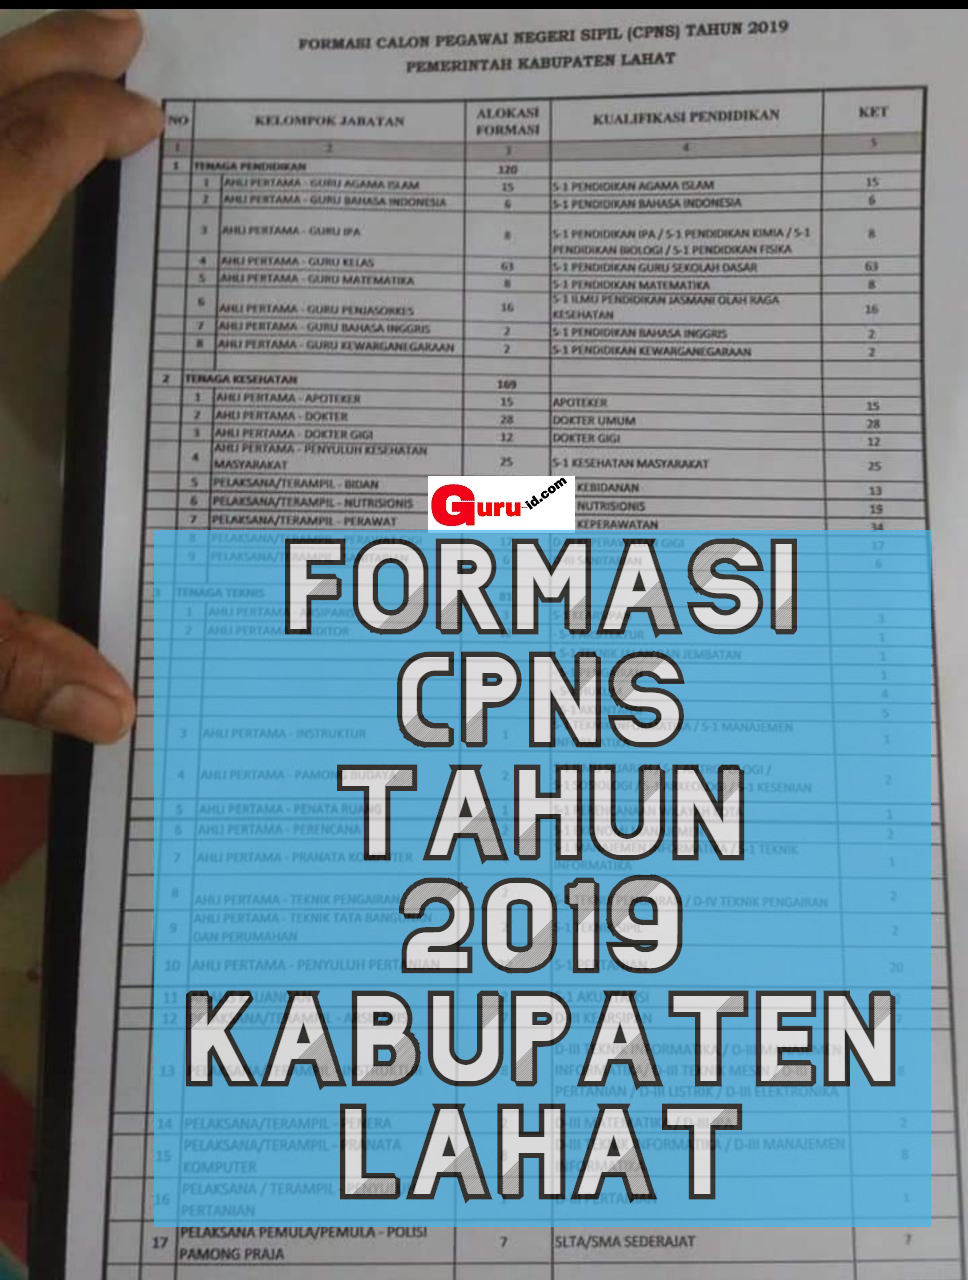 Formasi Cpns Sma 2019 : formasi, Rincian, Formasi, Lahat, Persyaratan, Mendaftar, Pendidikan, Terbaru